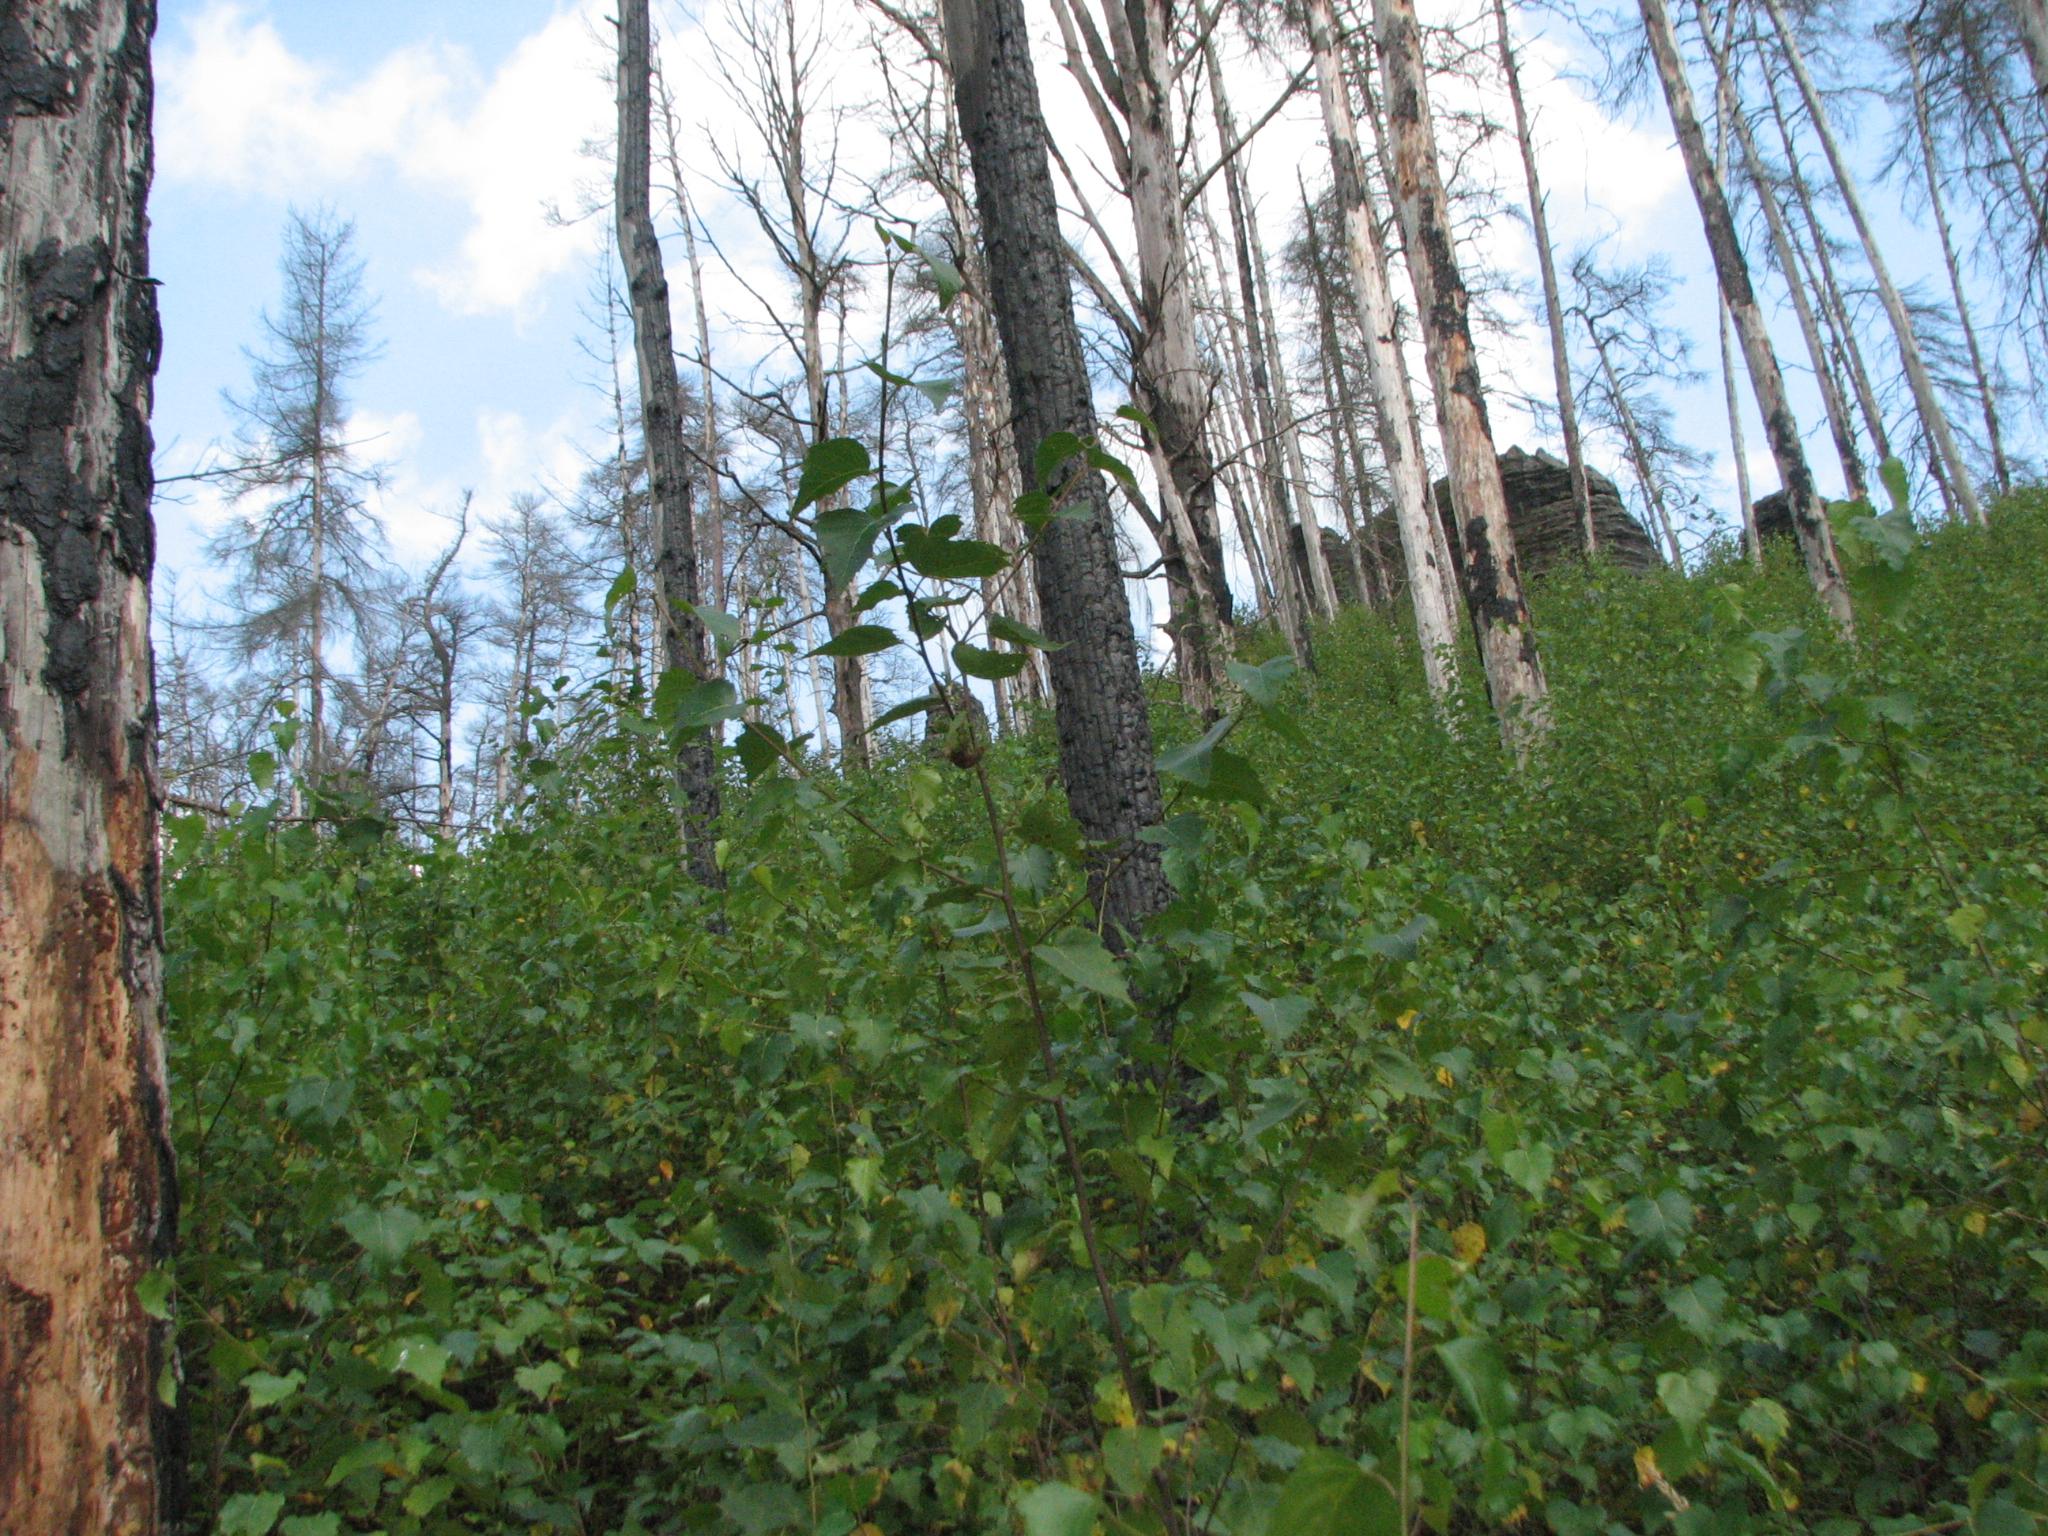 V roce 2006 v blízkosti Jetřichovic v NP České Švýcarsku shořelo 15 hektarů lesa. V roce 2009 jsme si mohli potvrdit, jak dekadence nastartovala nový les.